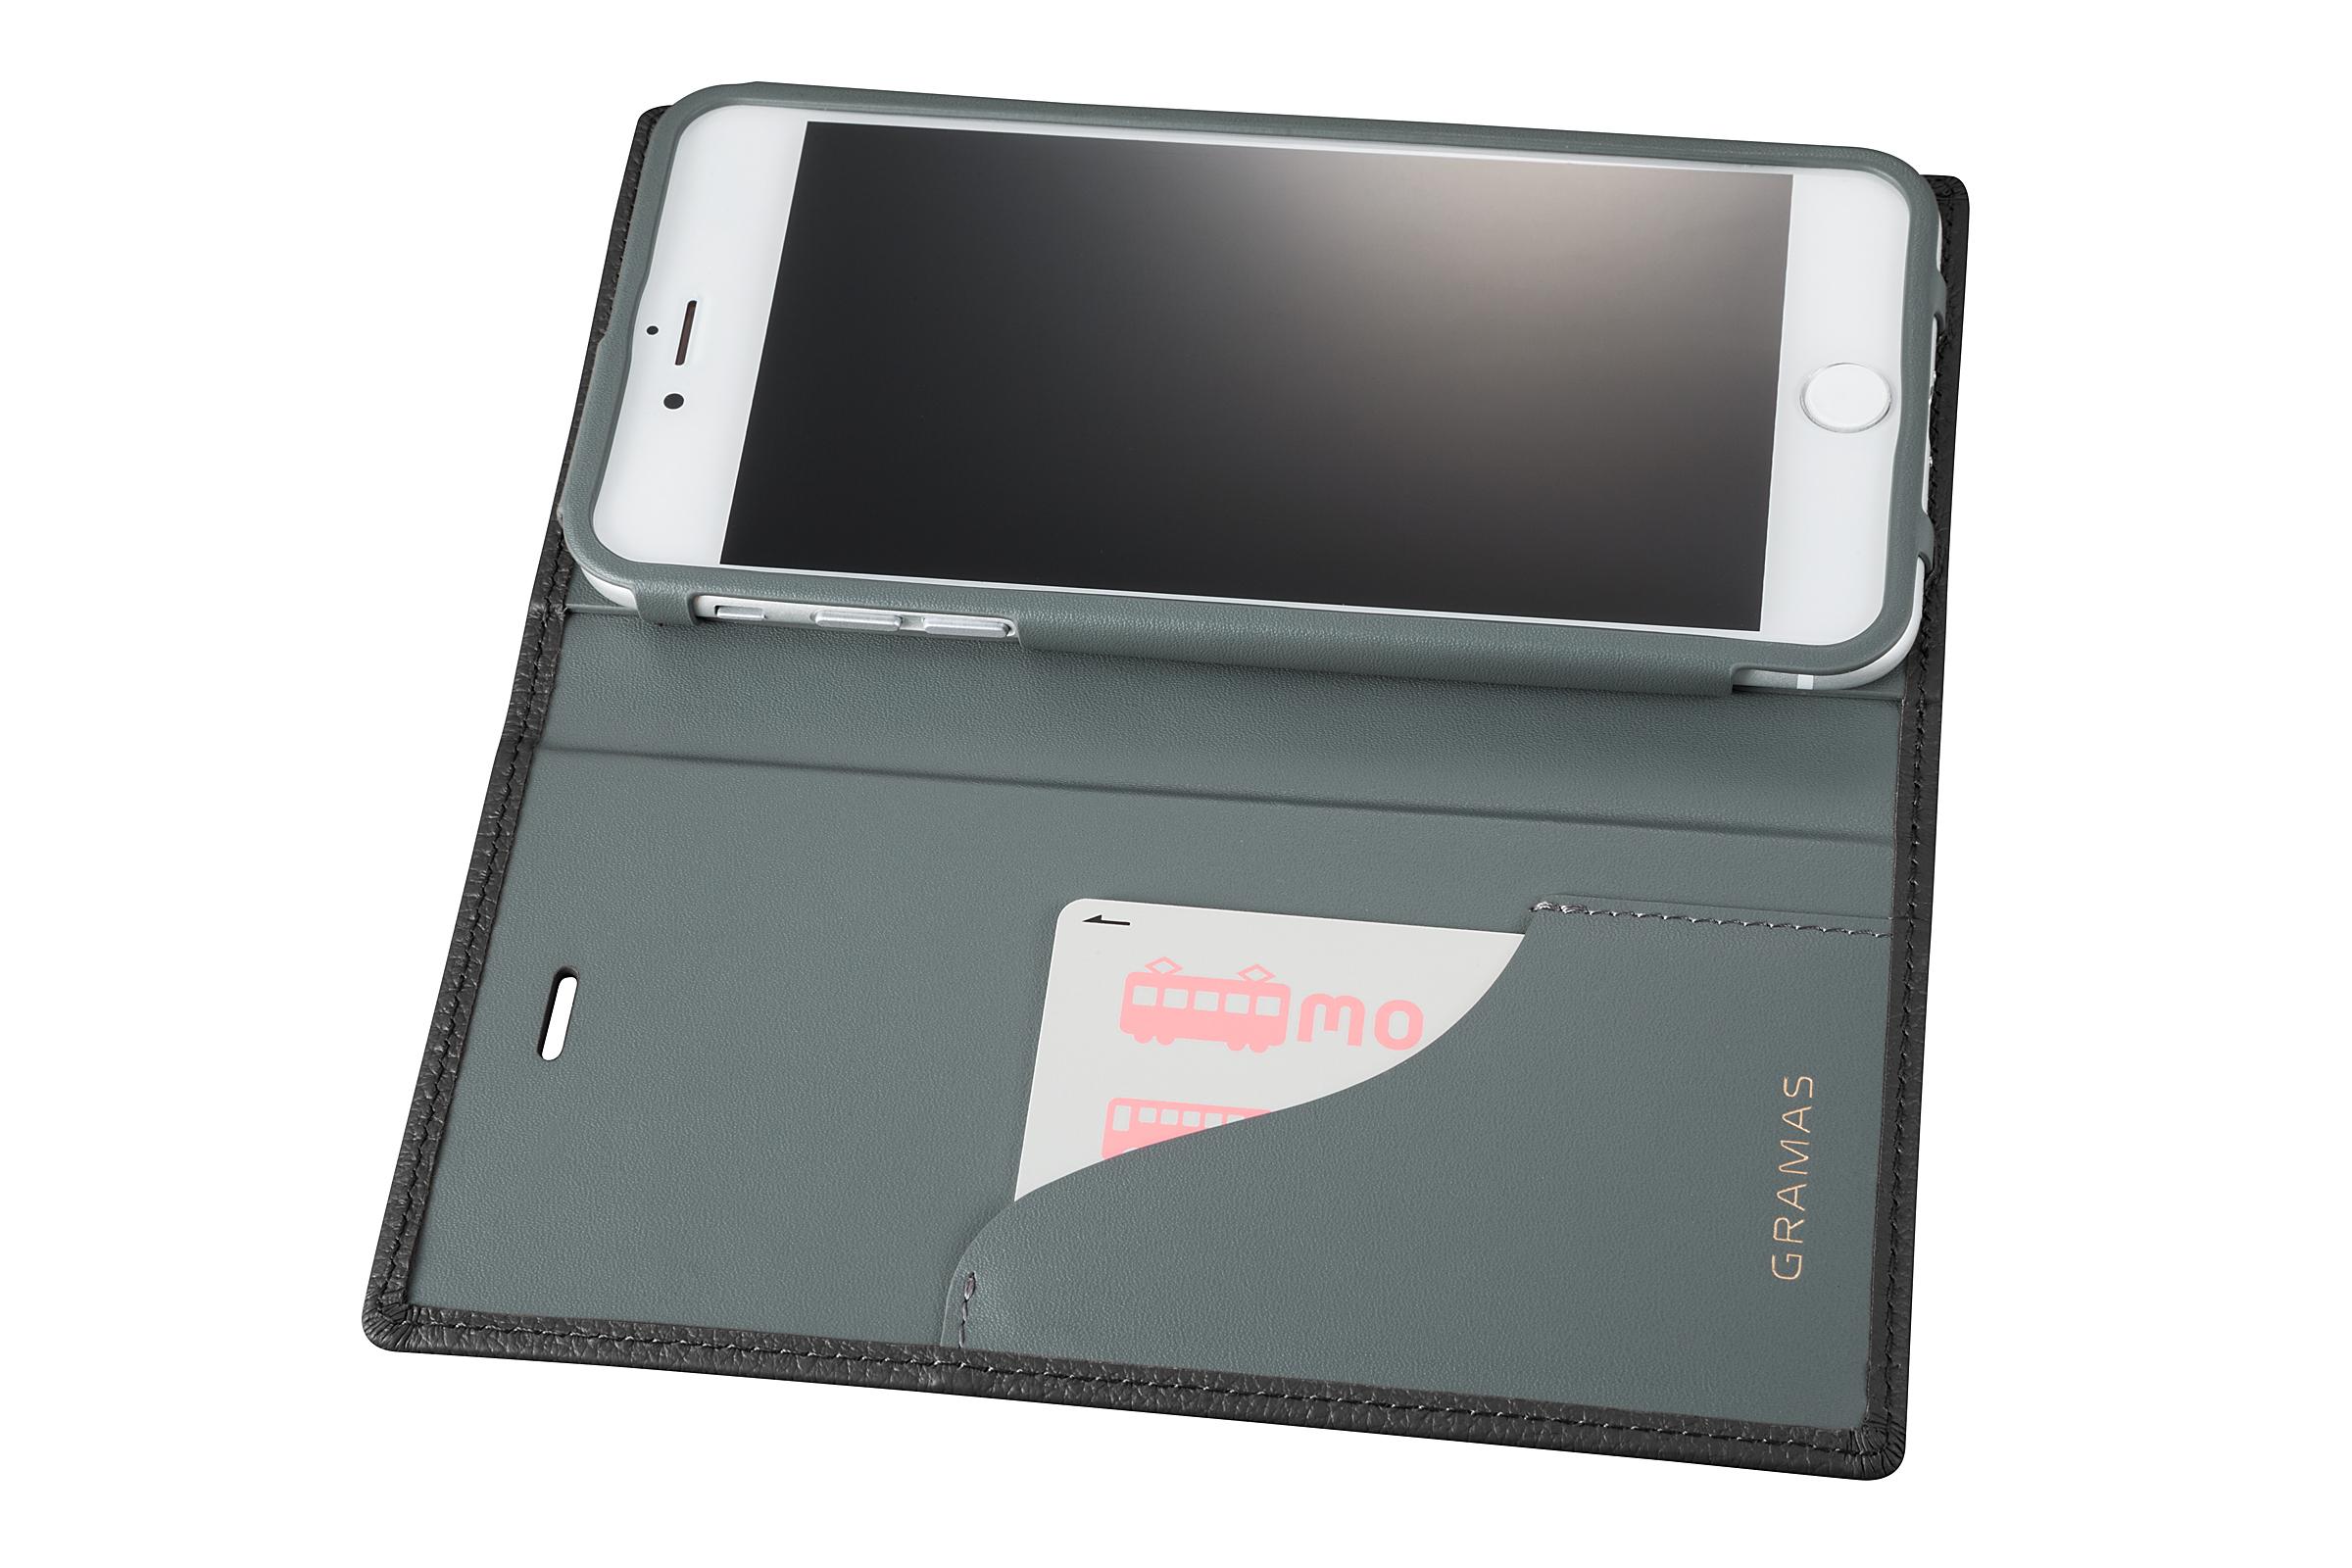 GRAMAS Shrunken-calf Full Leather Case for iPhone 7 Plus(Black) シュランケンカーフ 手帳型フルレザーケース - 画像4